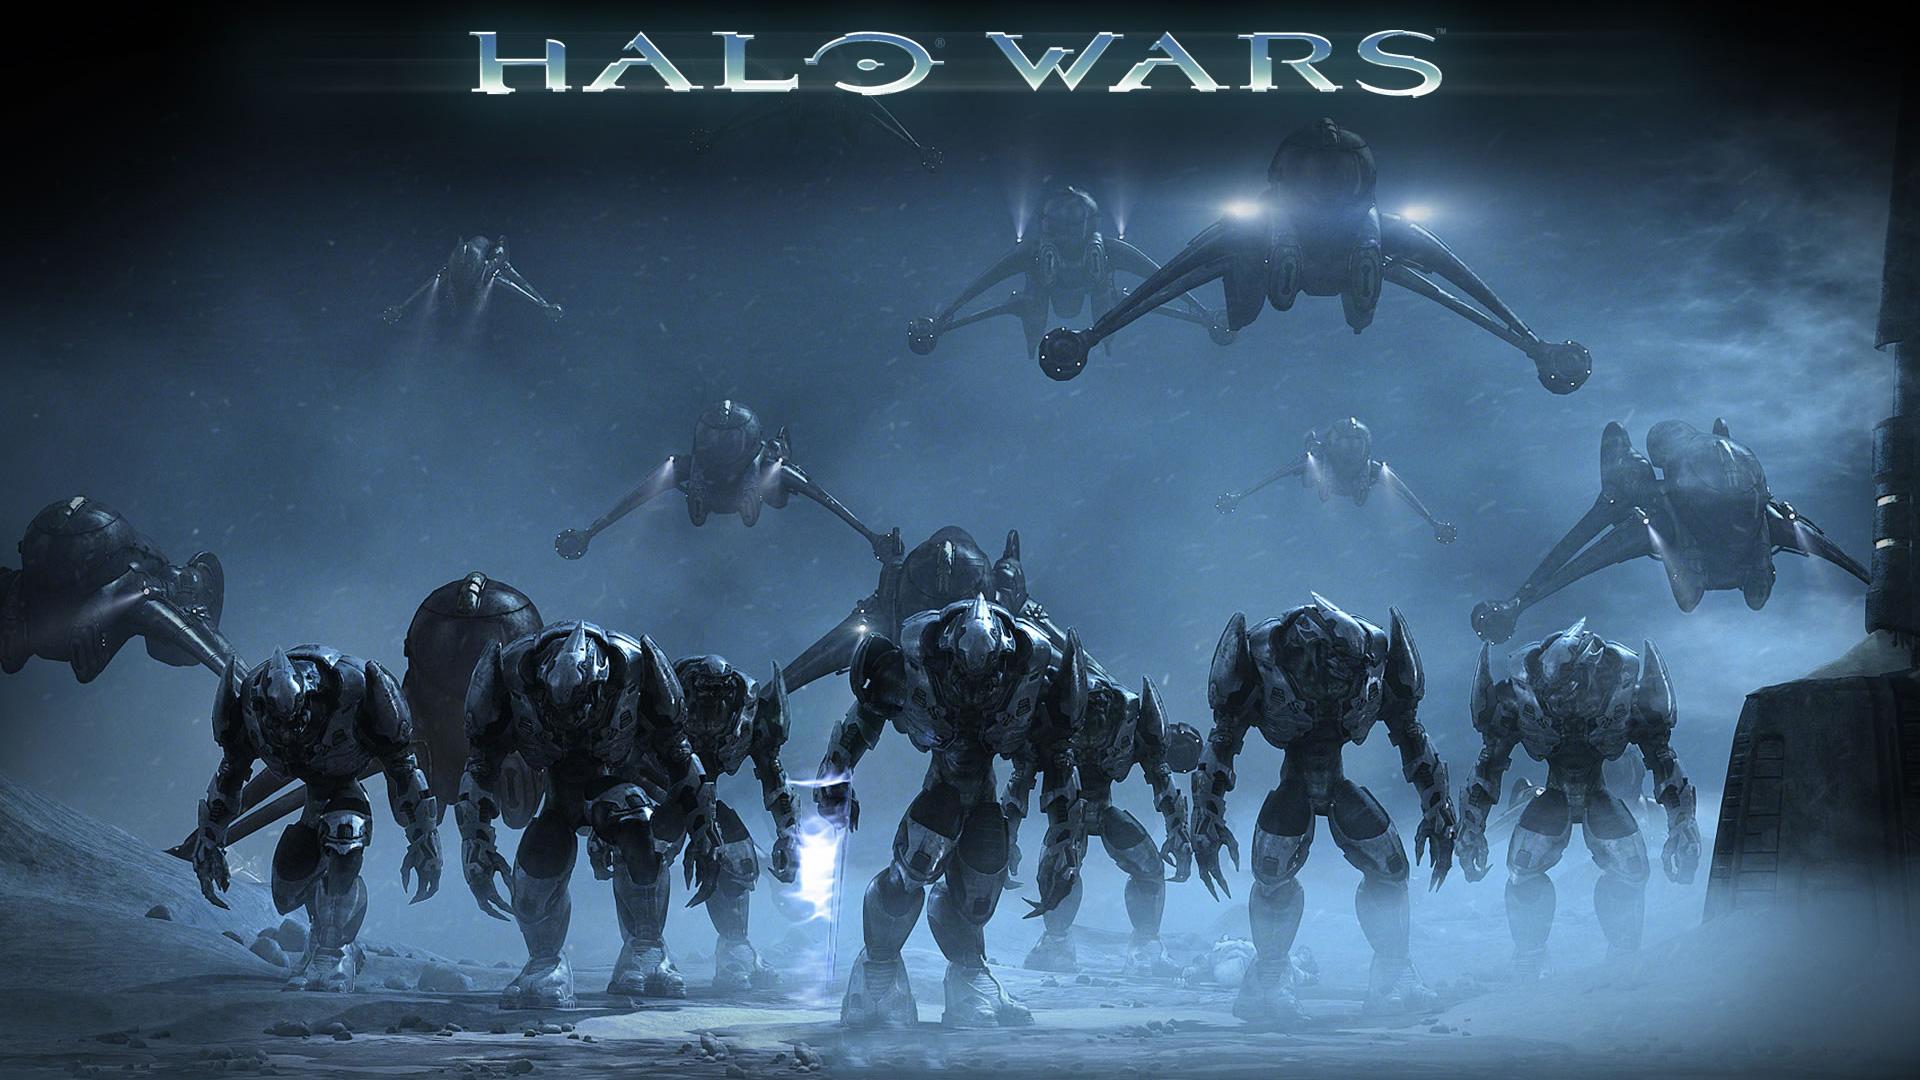 Halo Wars Wallpaper in 1920x1080